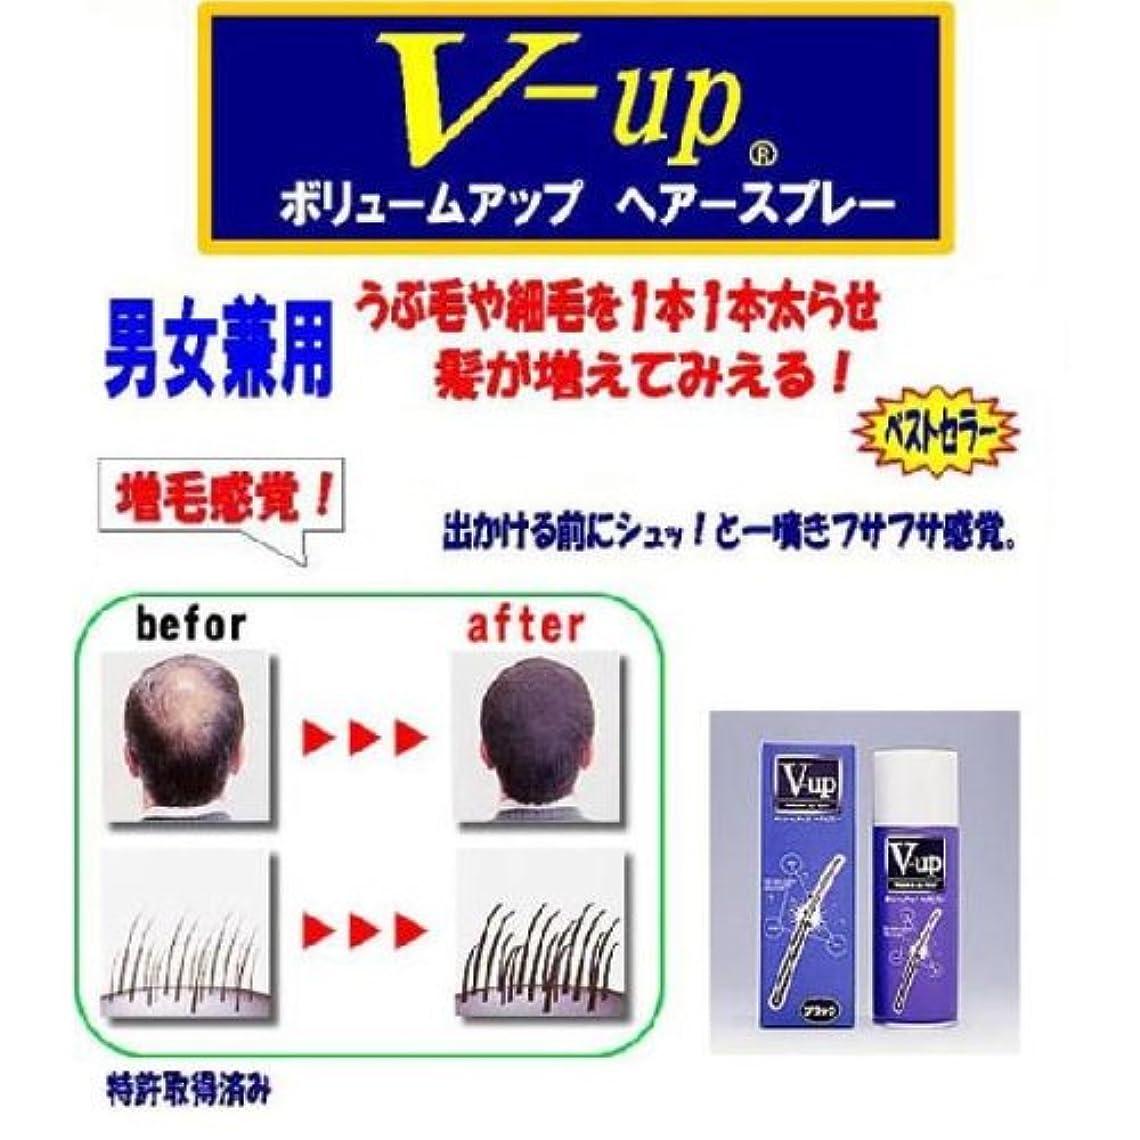 経験者ラッカス保有者V-アップヘアスプレー200g【カラー:ダークブラウン】